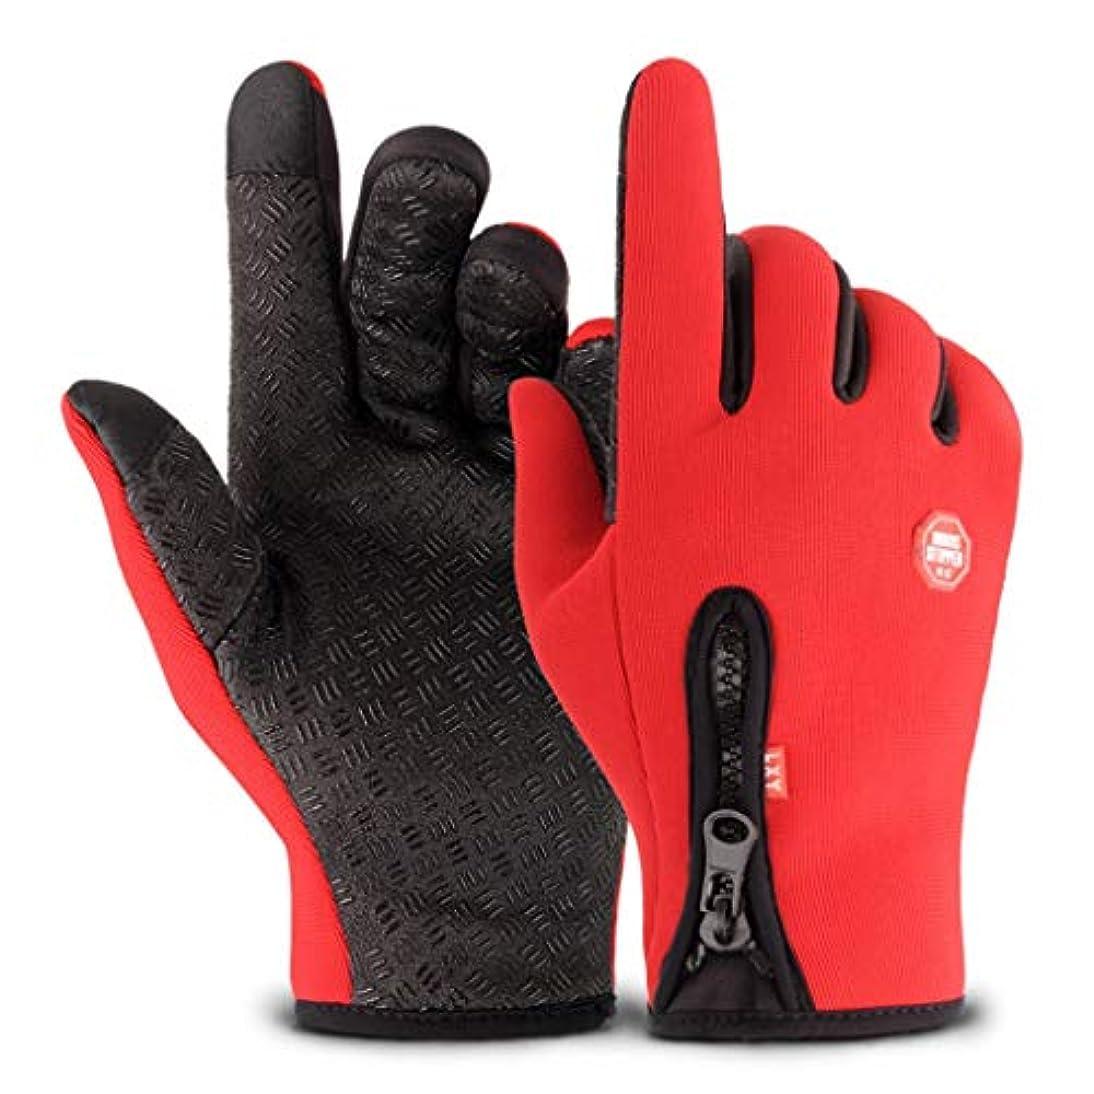 ローストオッズ磁石手袋の男性の秋と冬の自転車電動バイクの女性のタッチスクリーンは、すべてwindproofノンスリップ暖かいと冷たいプラスベルベット弾性手袋ワンサイズ赤